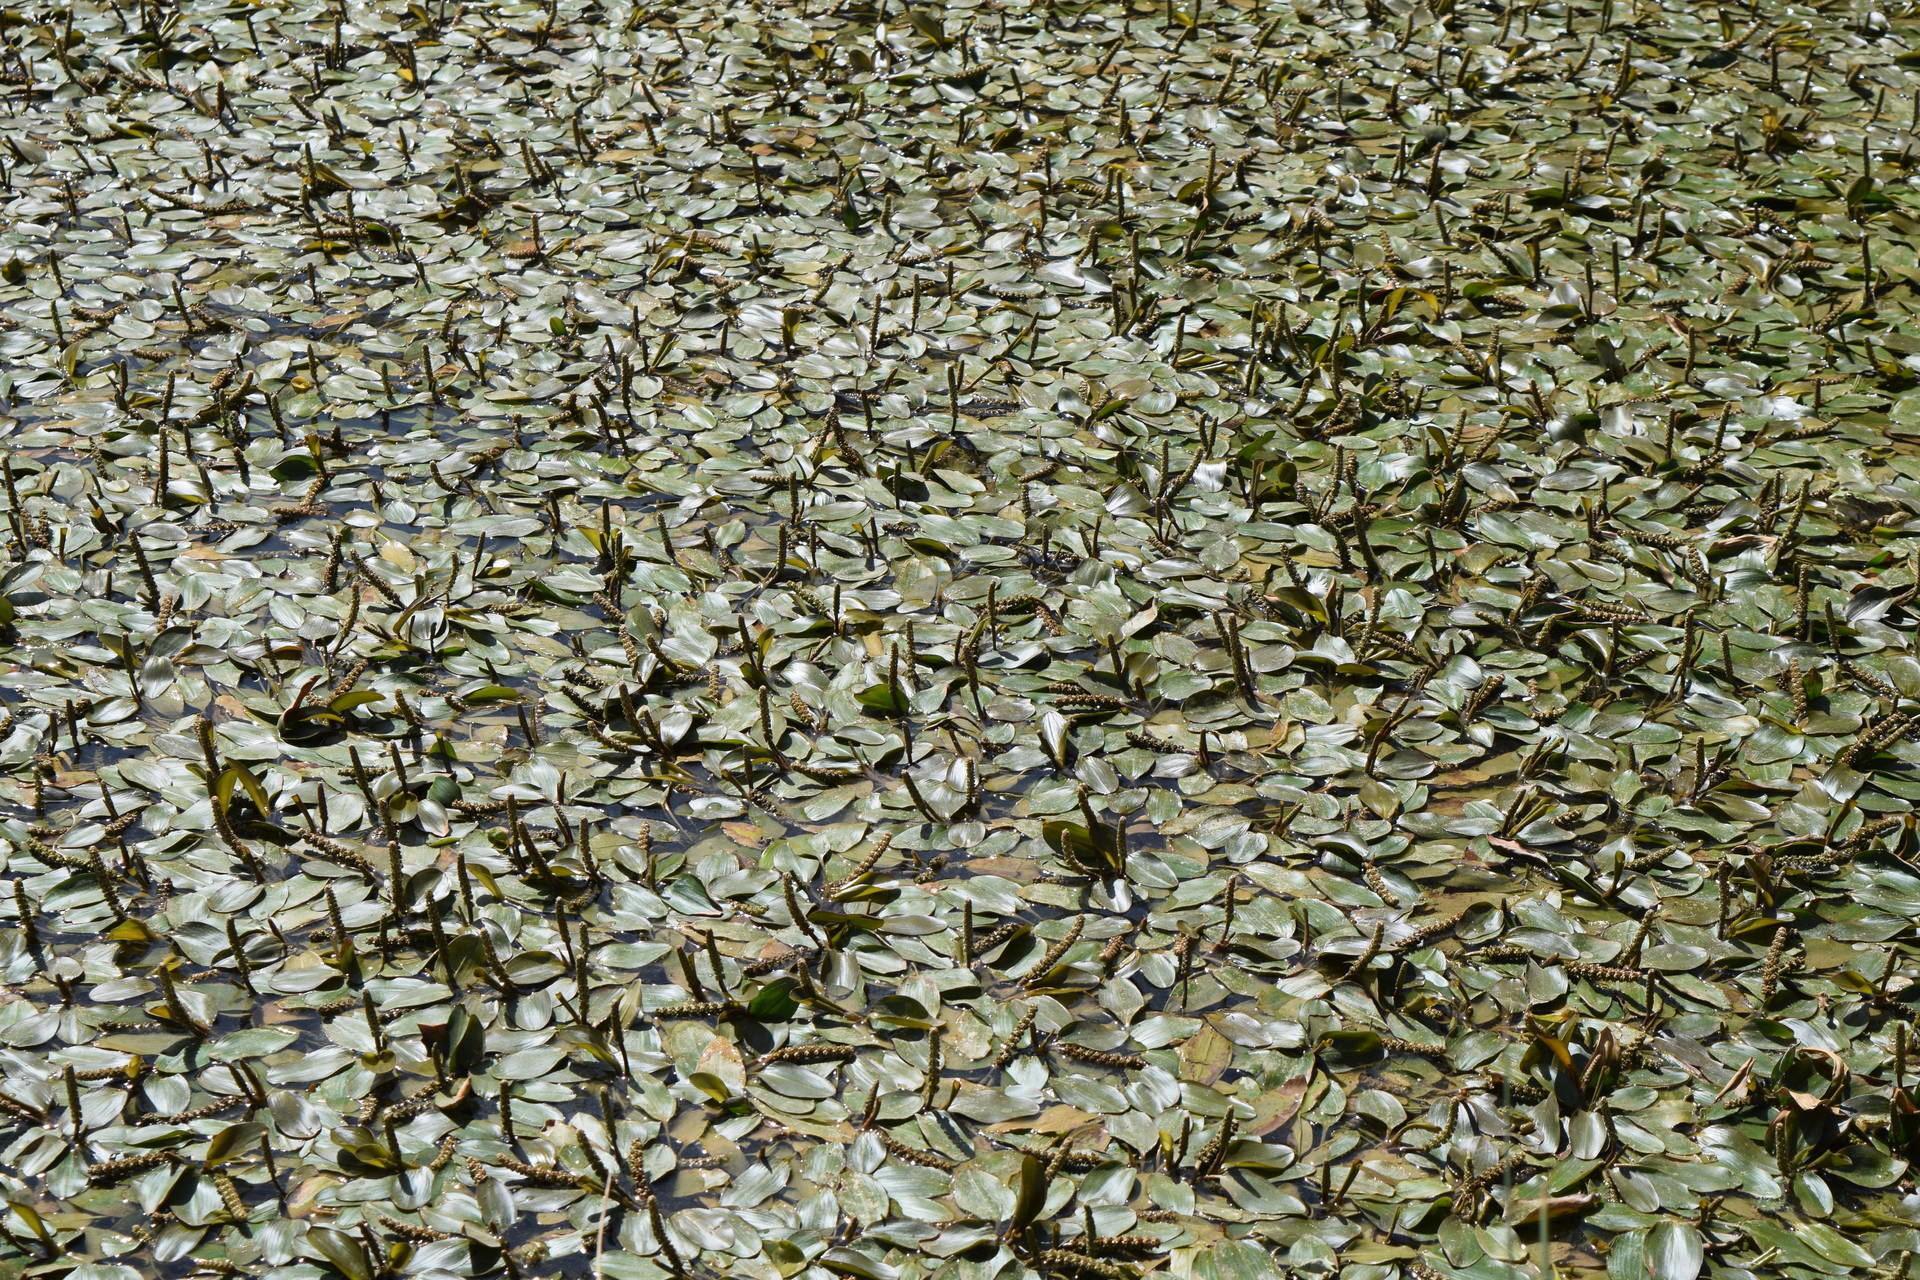 Potamogeton nodosus Poir